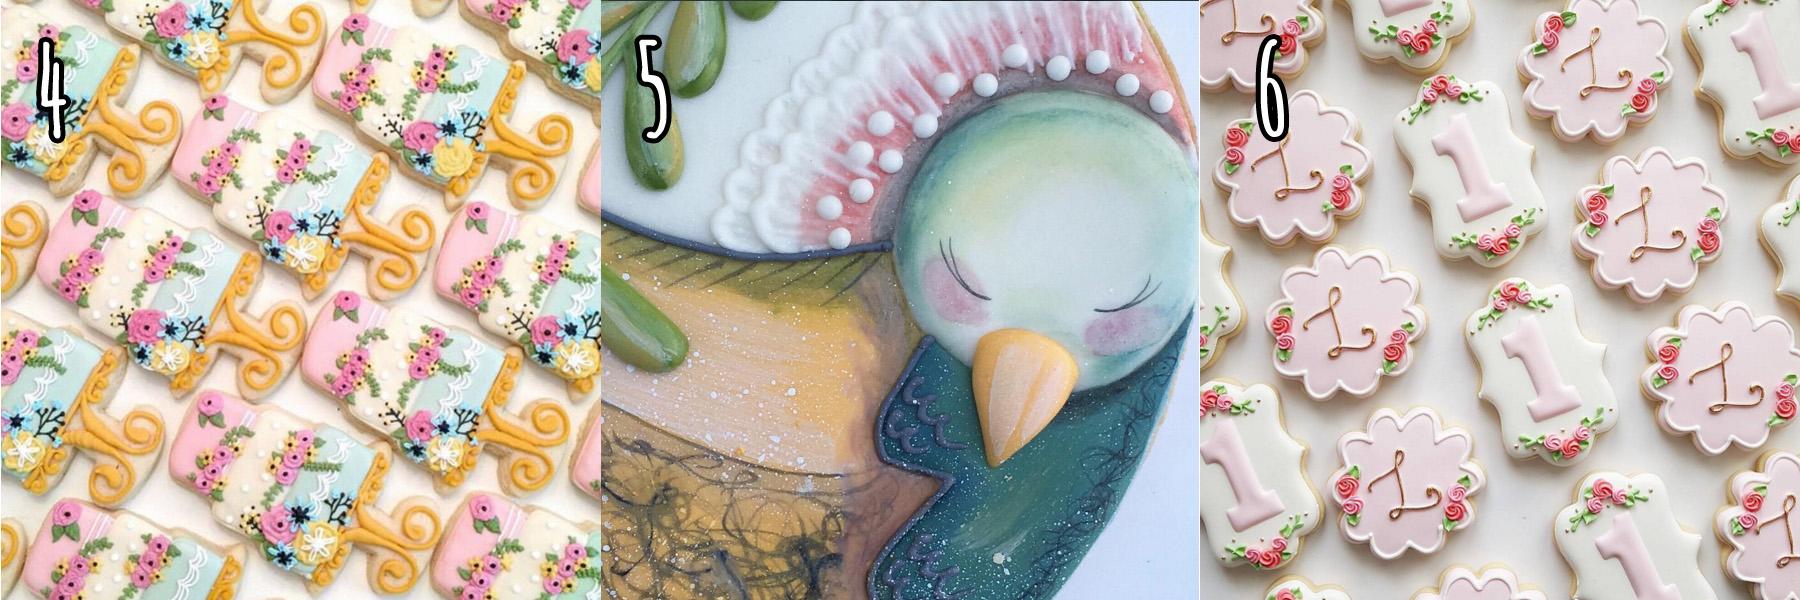 cukiereczki ciasteczka kolorowe dekorowane lukrem ptaszki